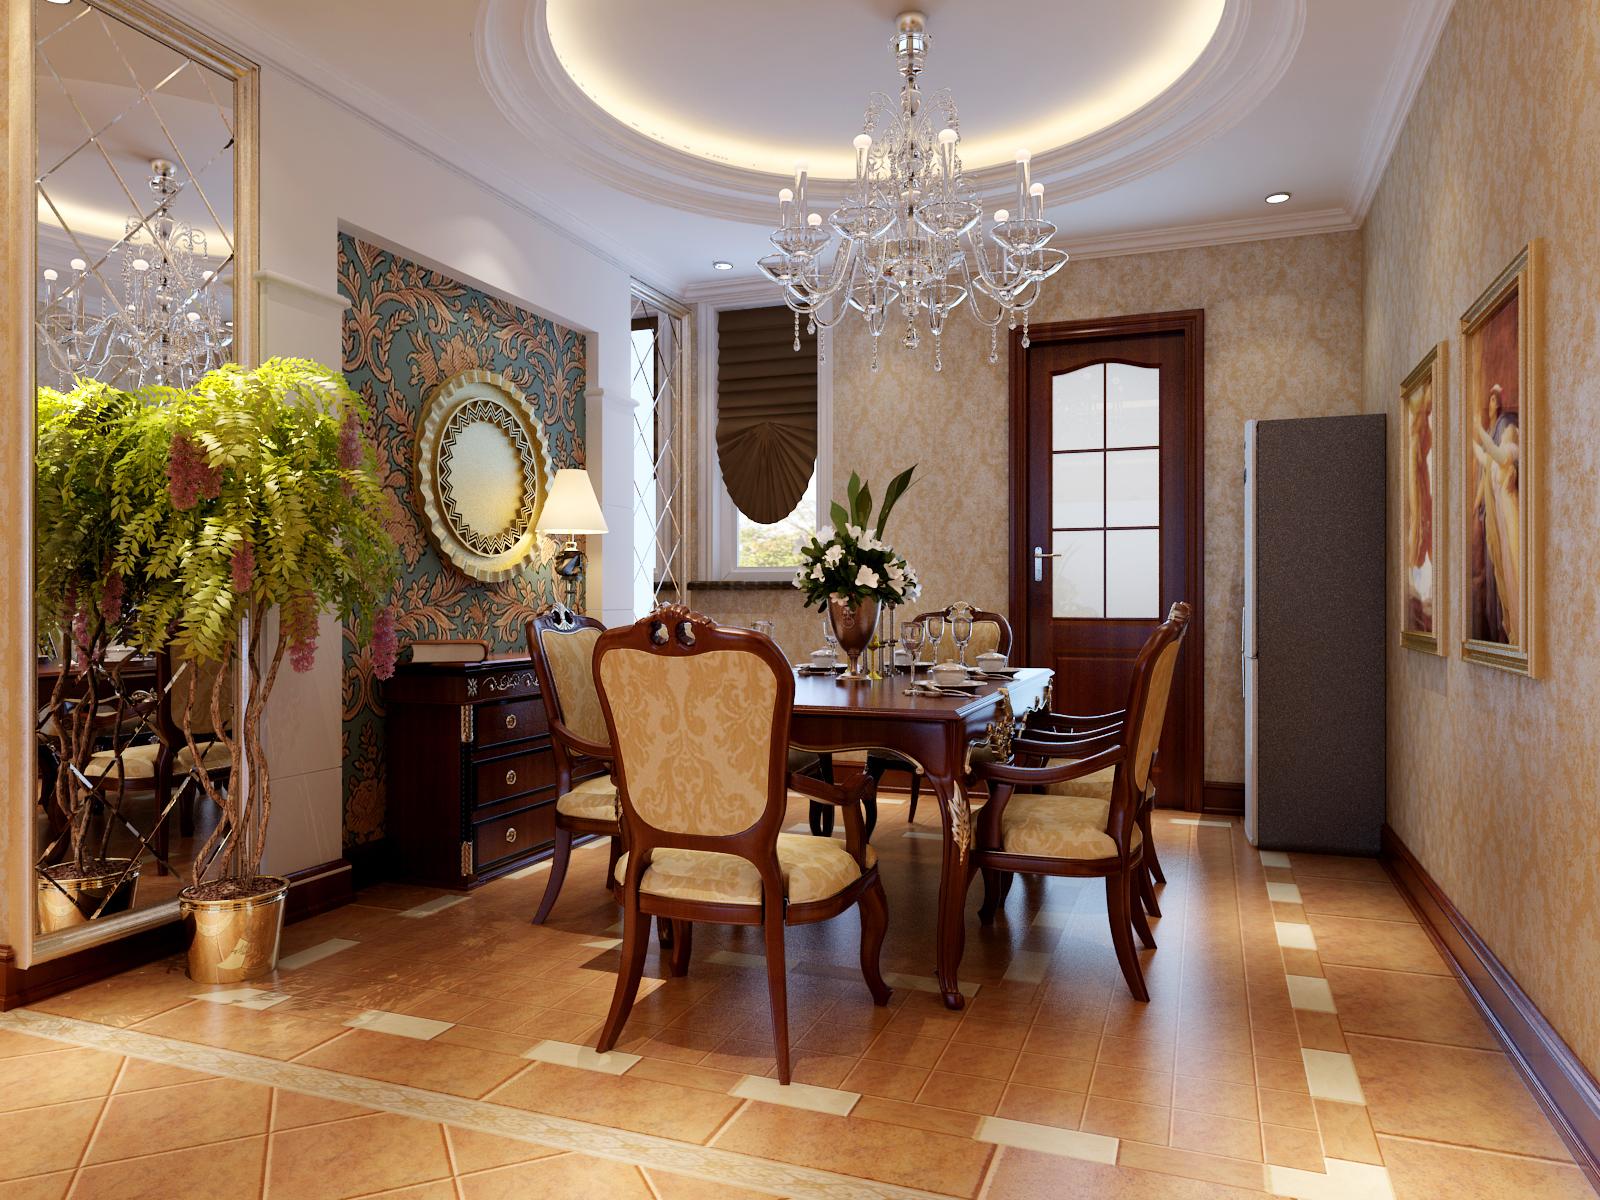 欧式 简约 二居 收纳 旧房改造 餐厅图片来自今朝装饰老房专线在老房翻新,两居室,简欧风格的分享